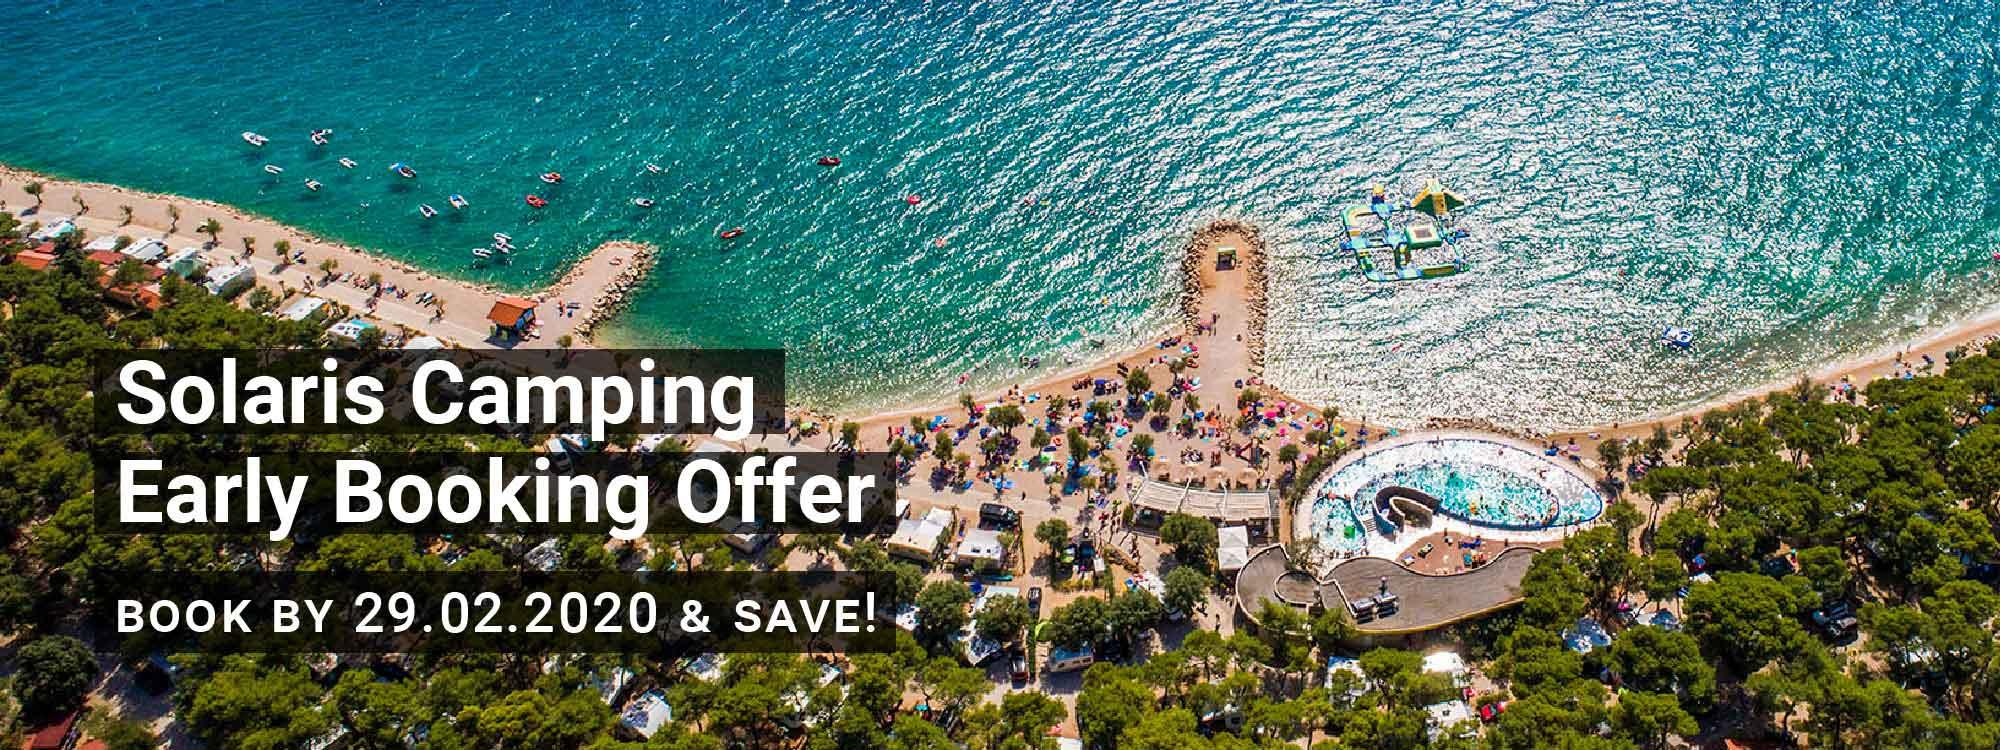 Web-slider-Rani-booking-kamp-2020-01-ENG